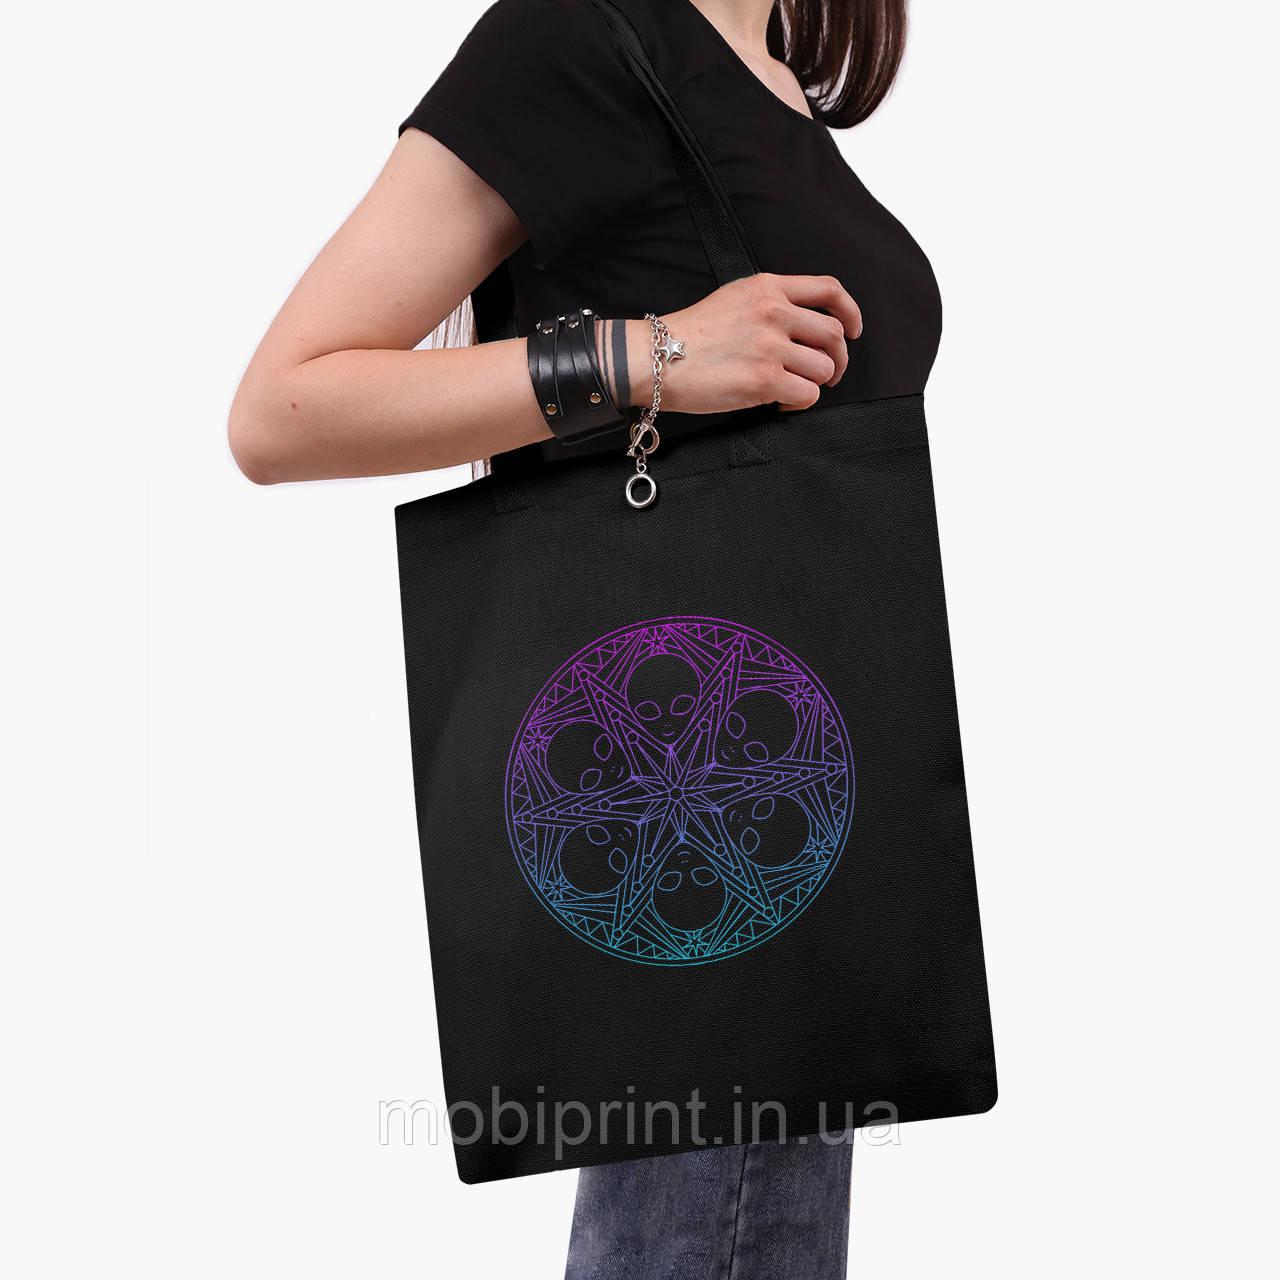 Эко сумка шоппер черная Инопланетяни (Aliens) (9227-2852-2)  41*35 см